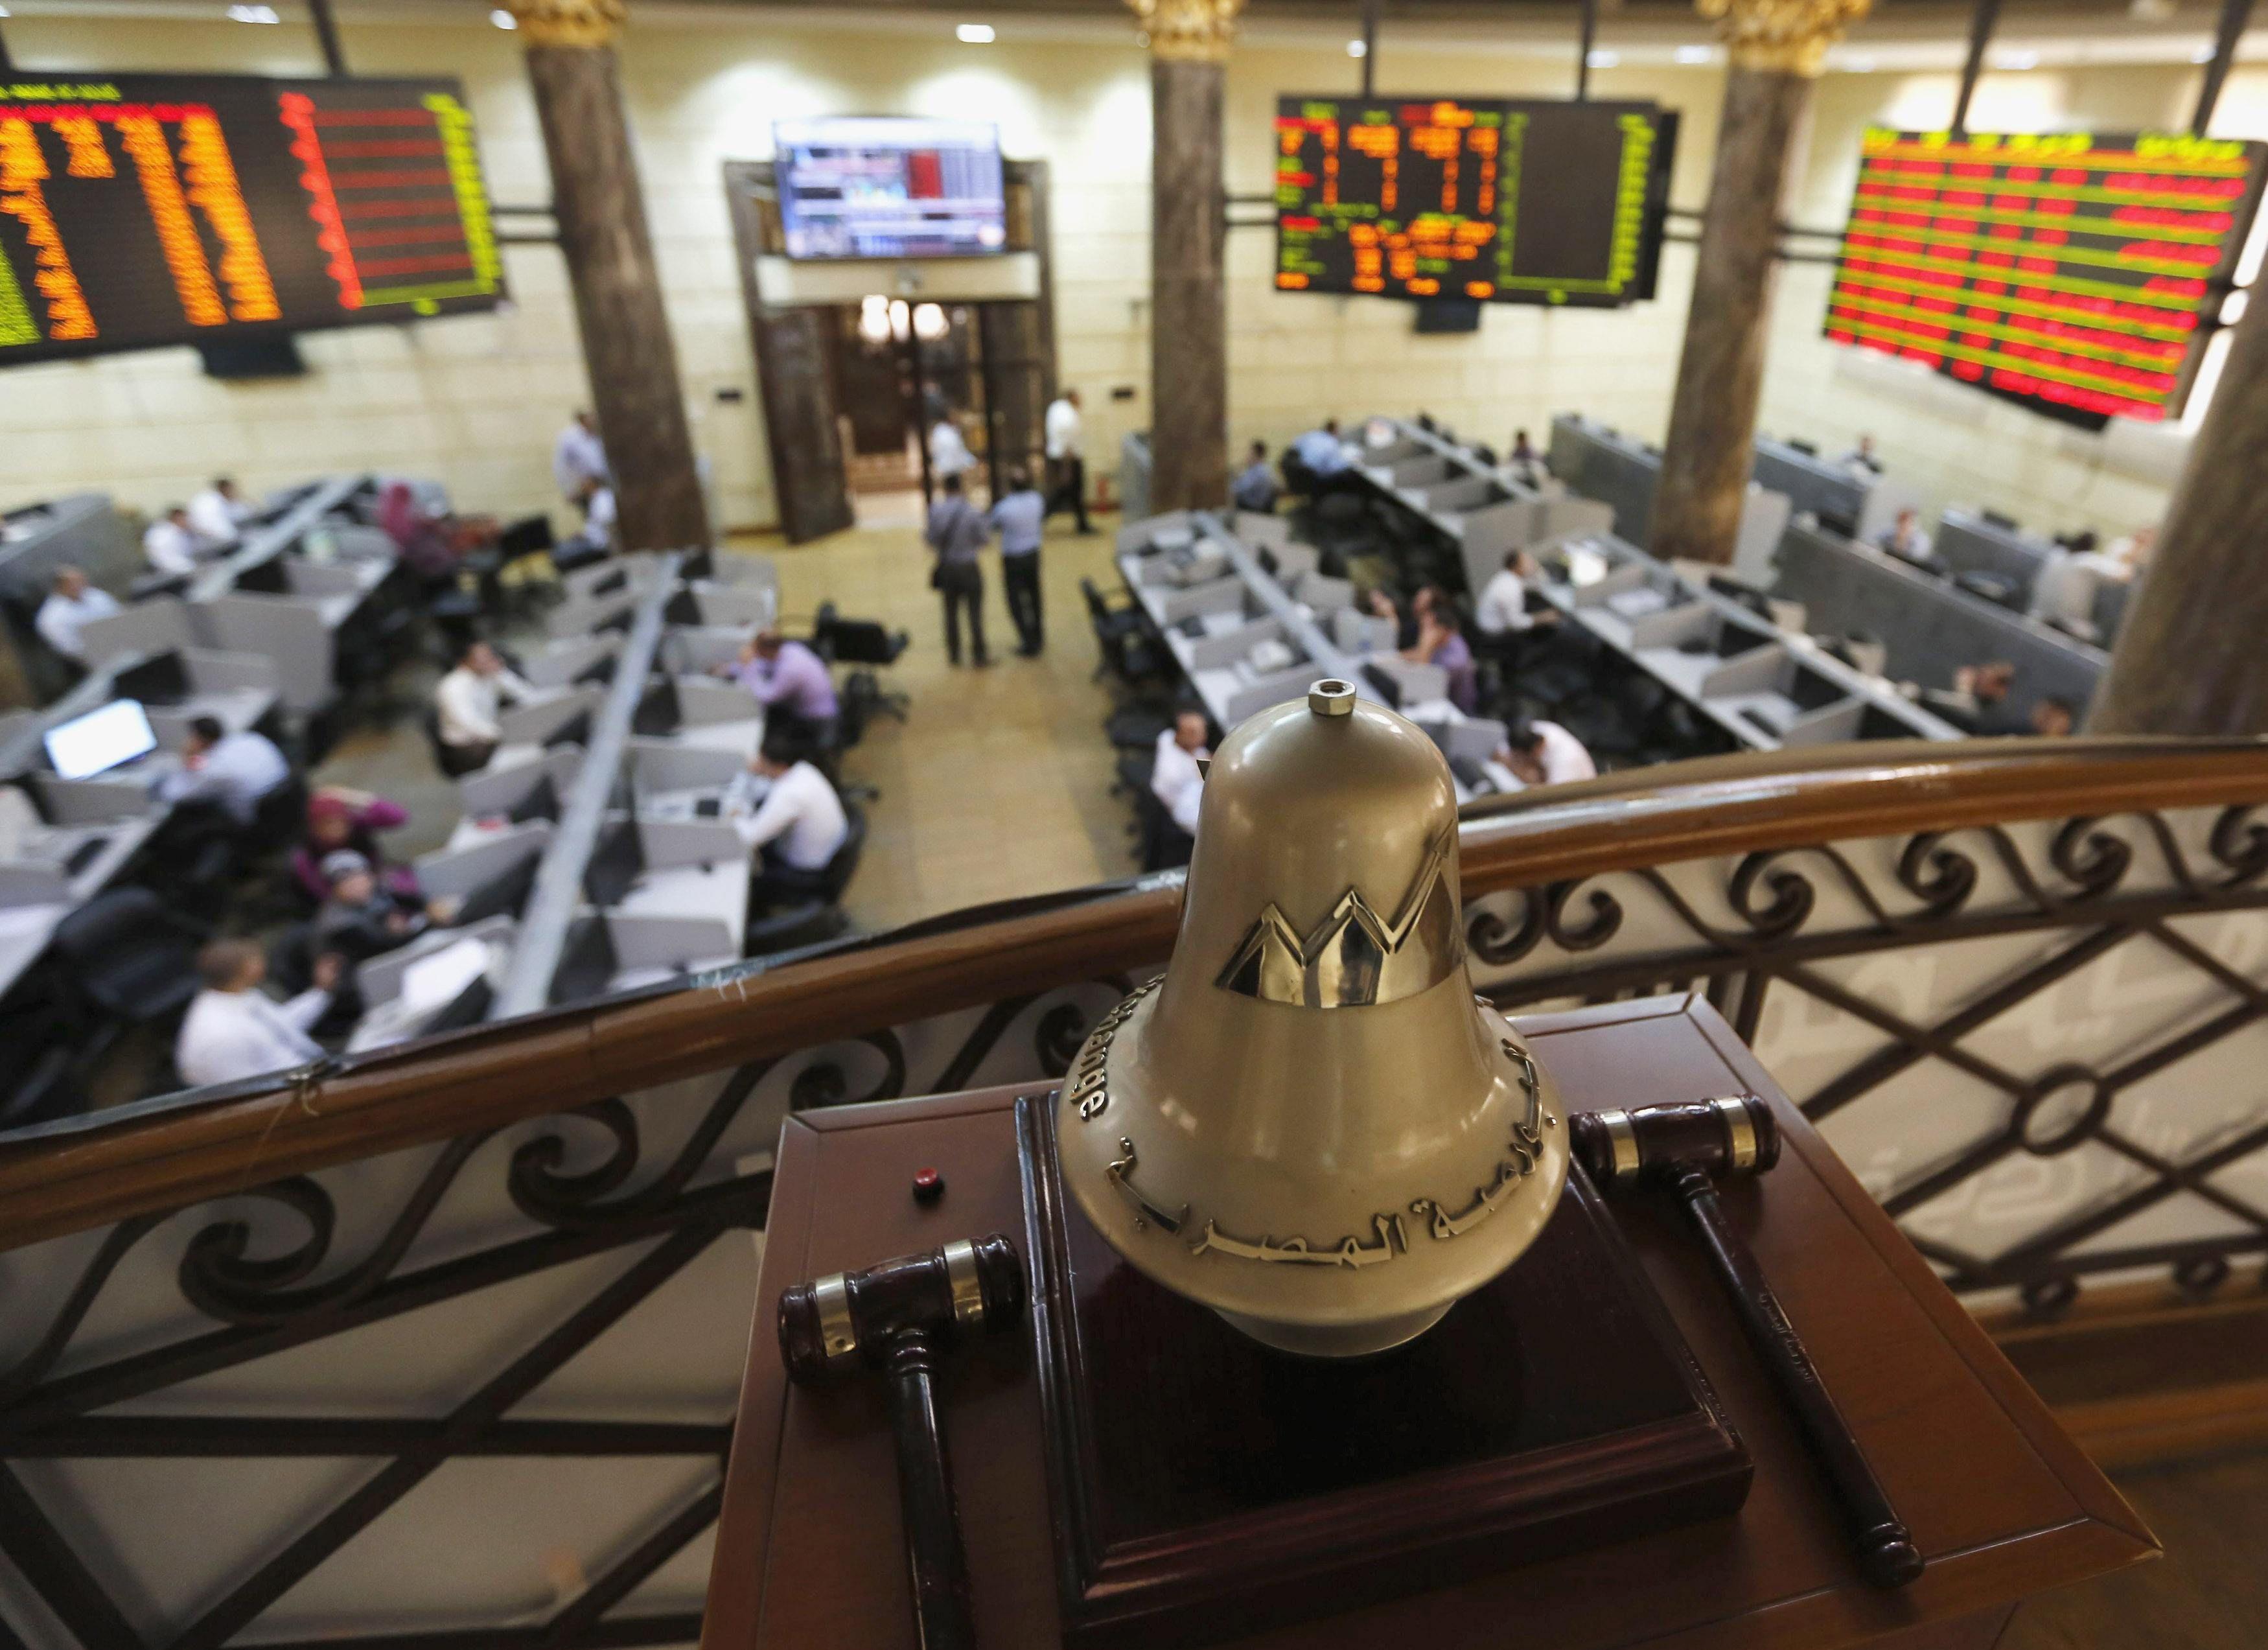 الأسهم بالبورصة المصرية